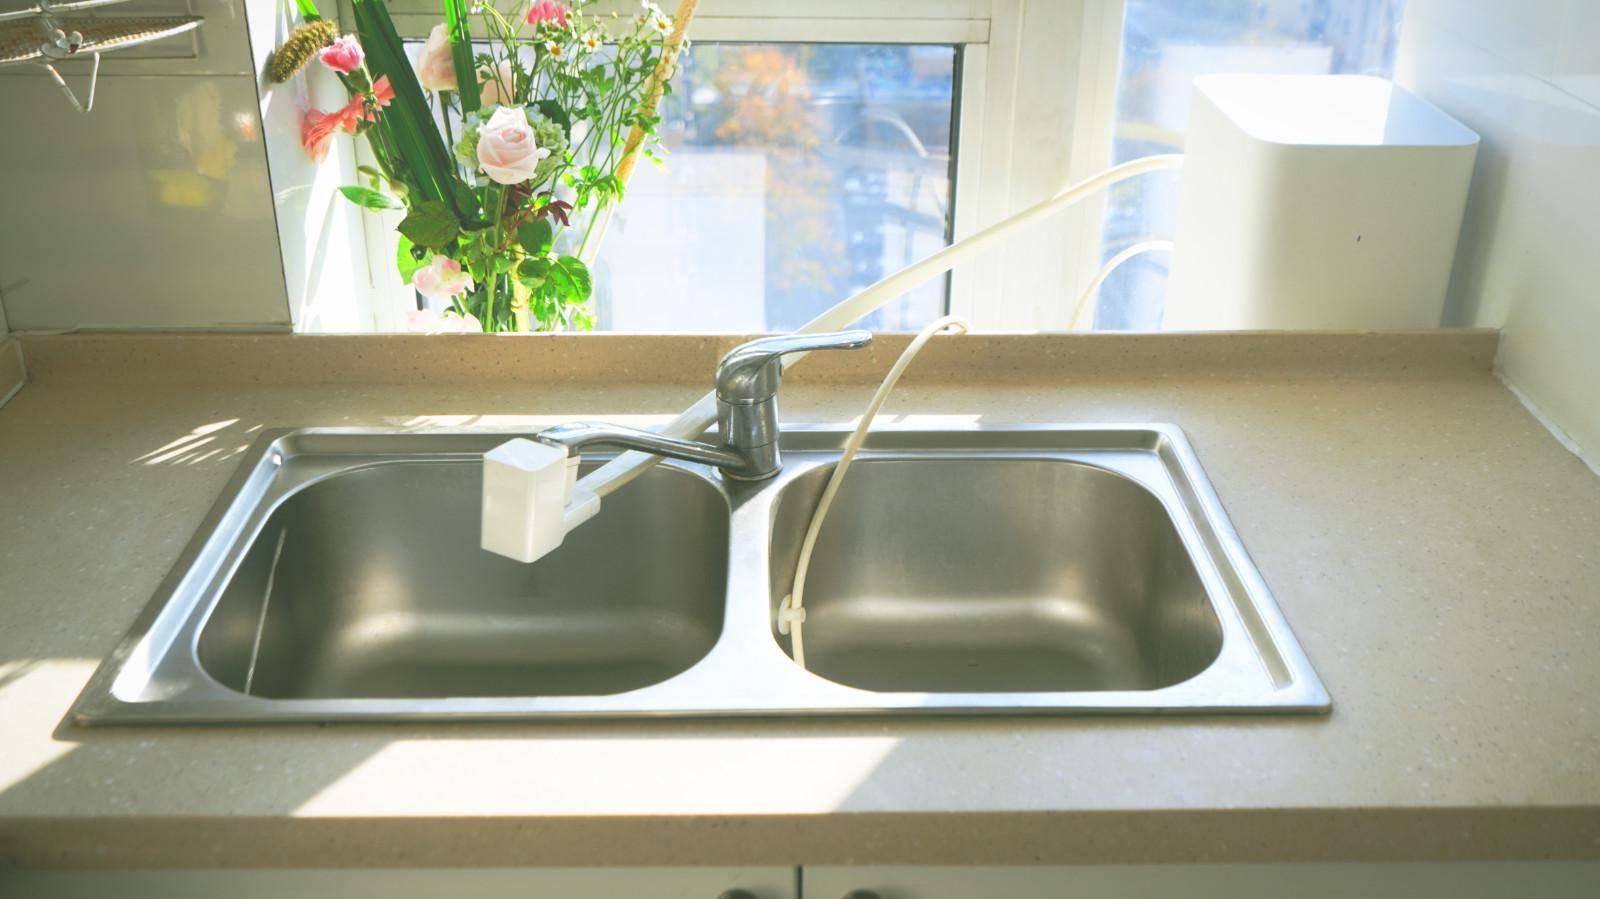 爆改厨房净水,让颜值与口感一同提升